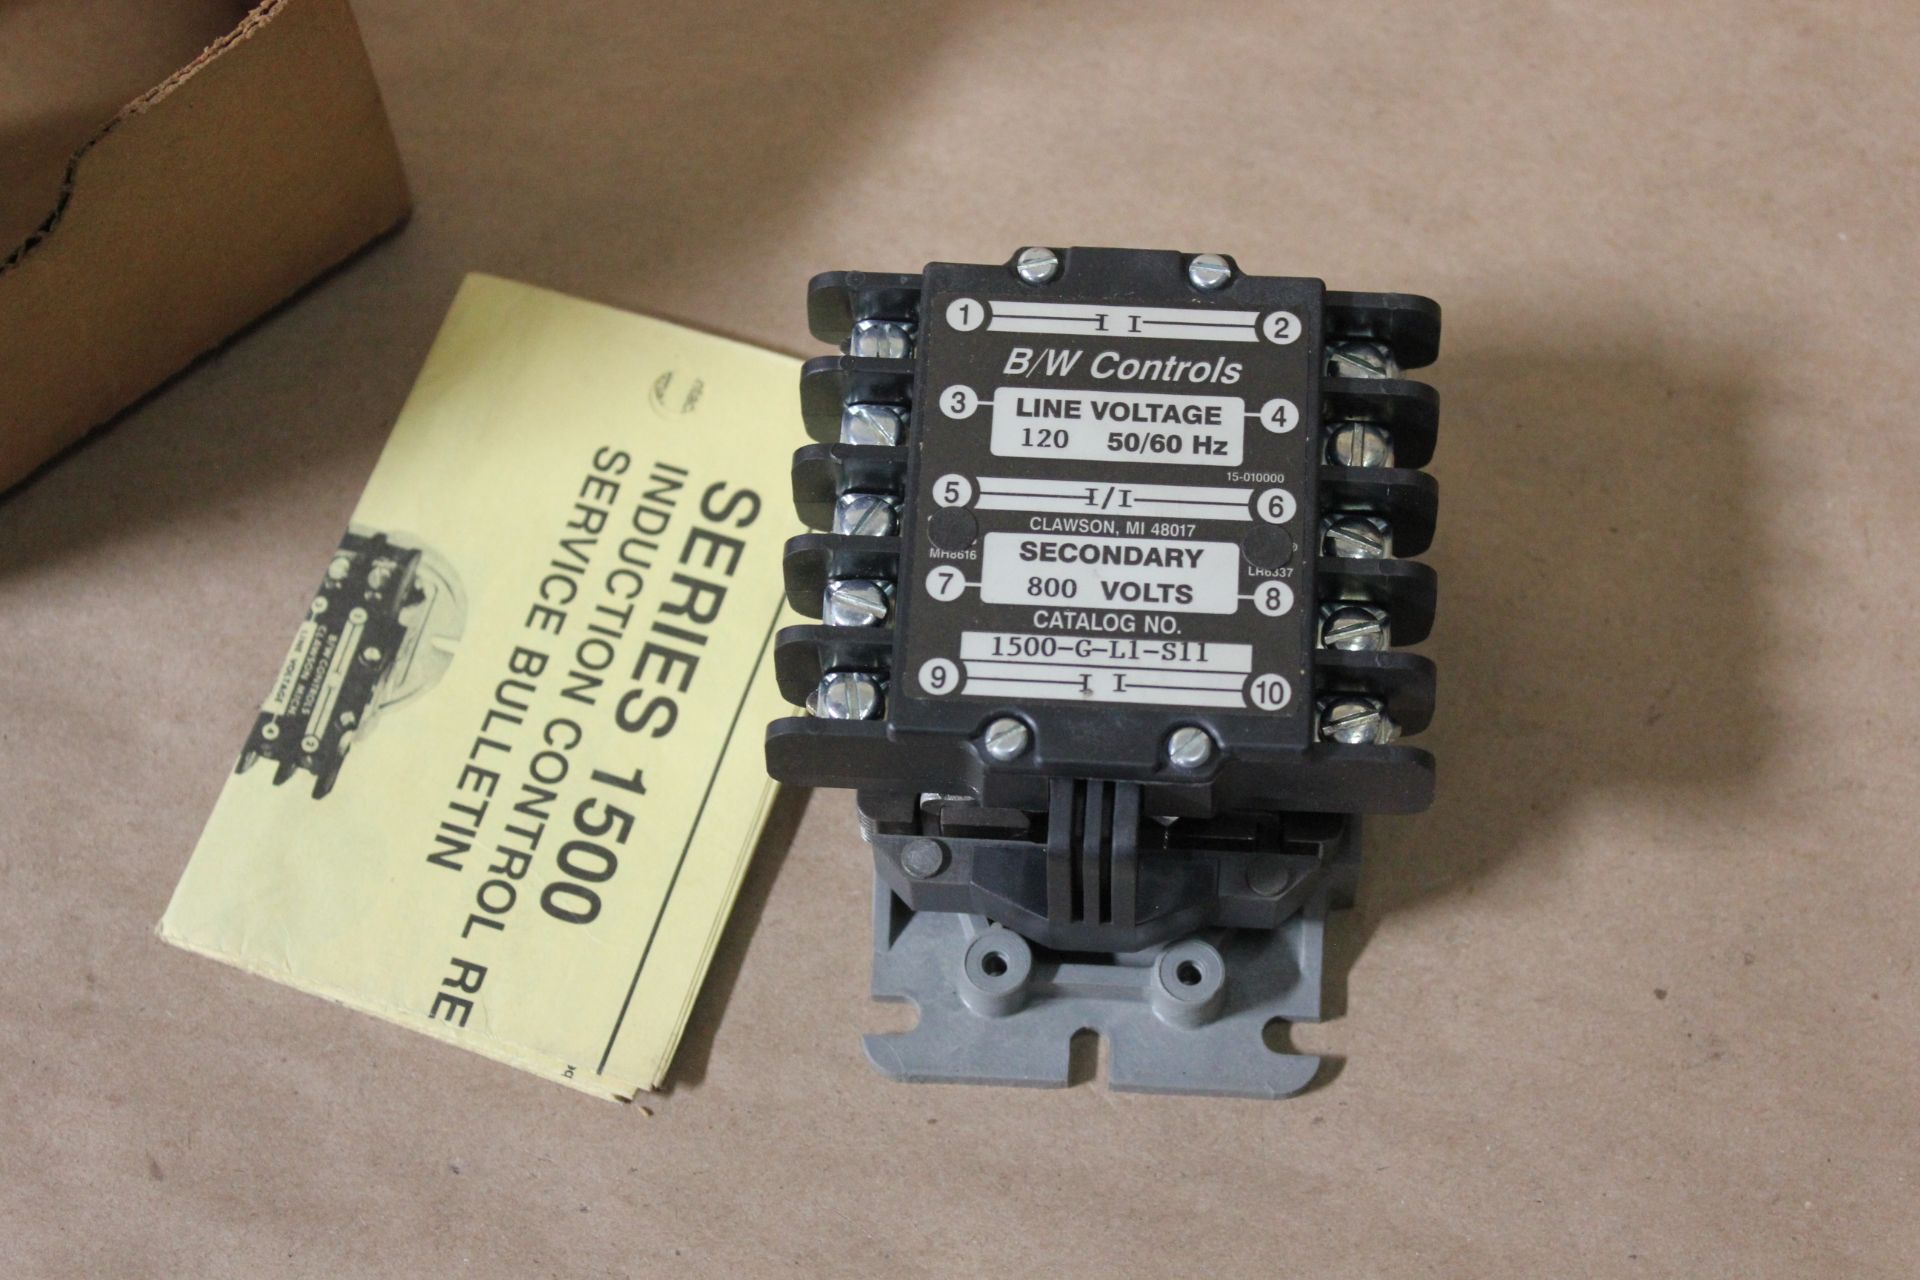 NEW B/W CONTROLS LIQUID LEVEL CONTROL - Image 3 of 3